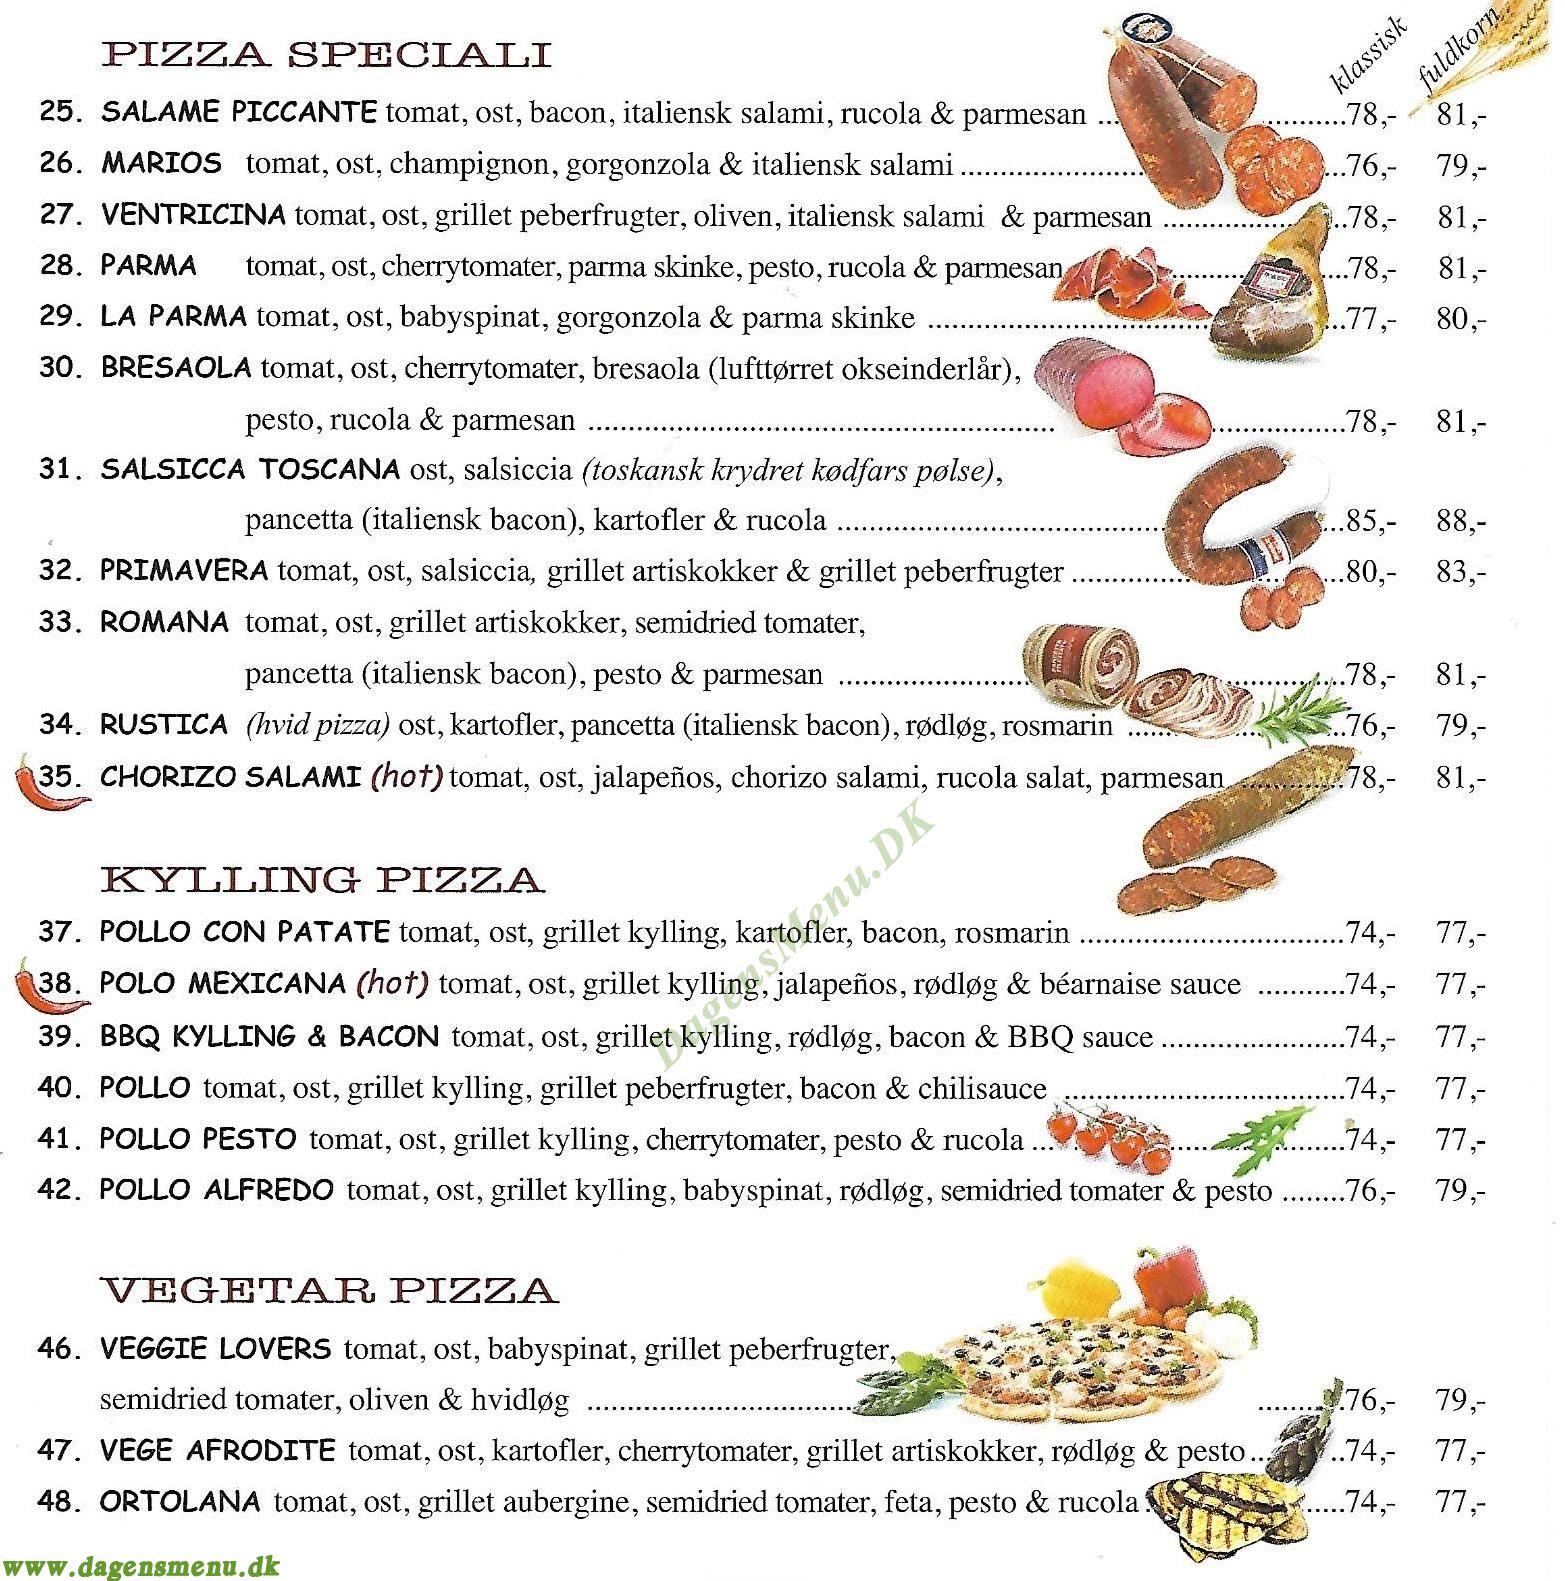 Pizzorante L'italiano - Menukort